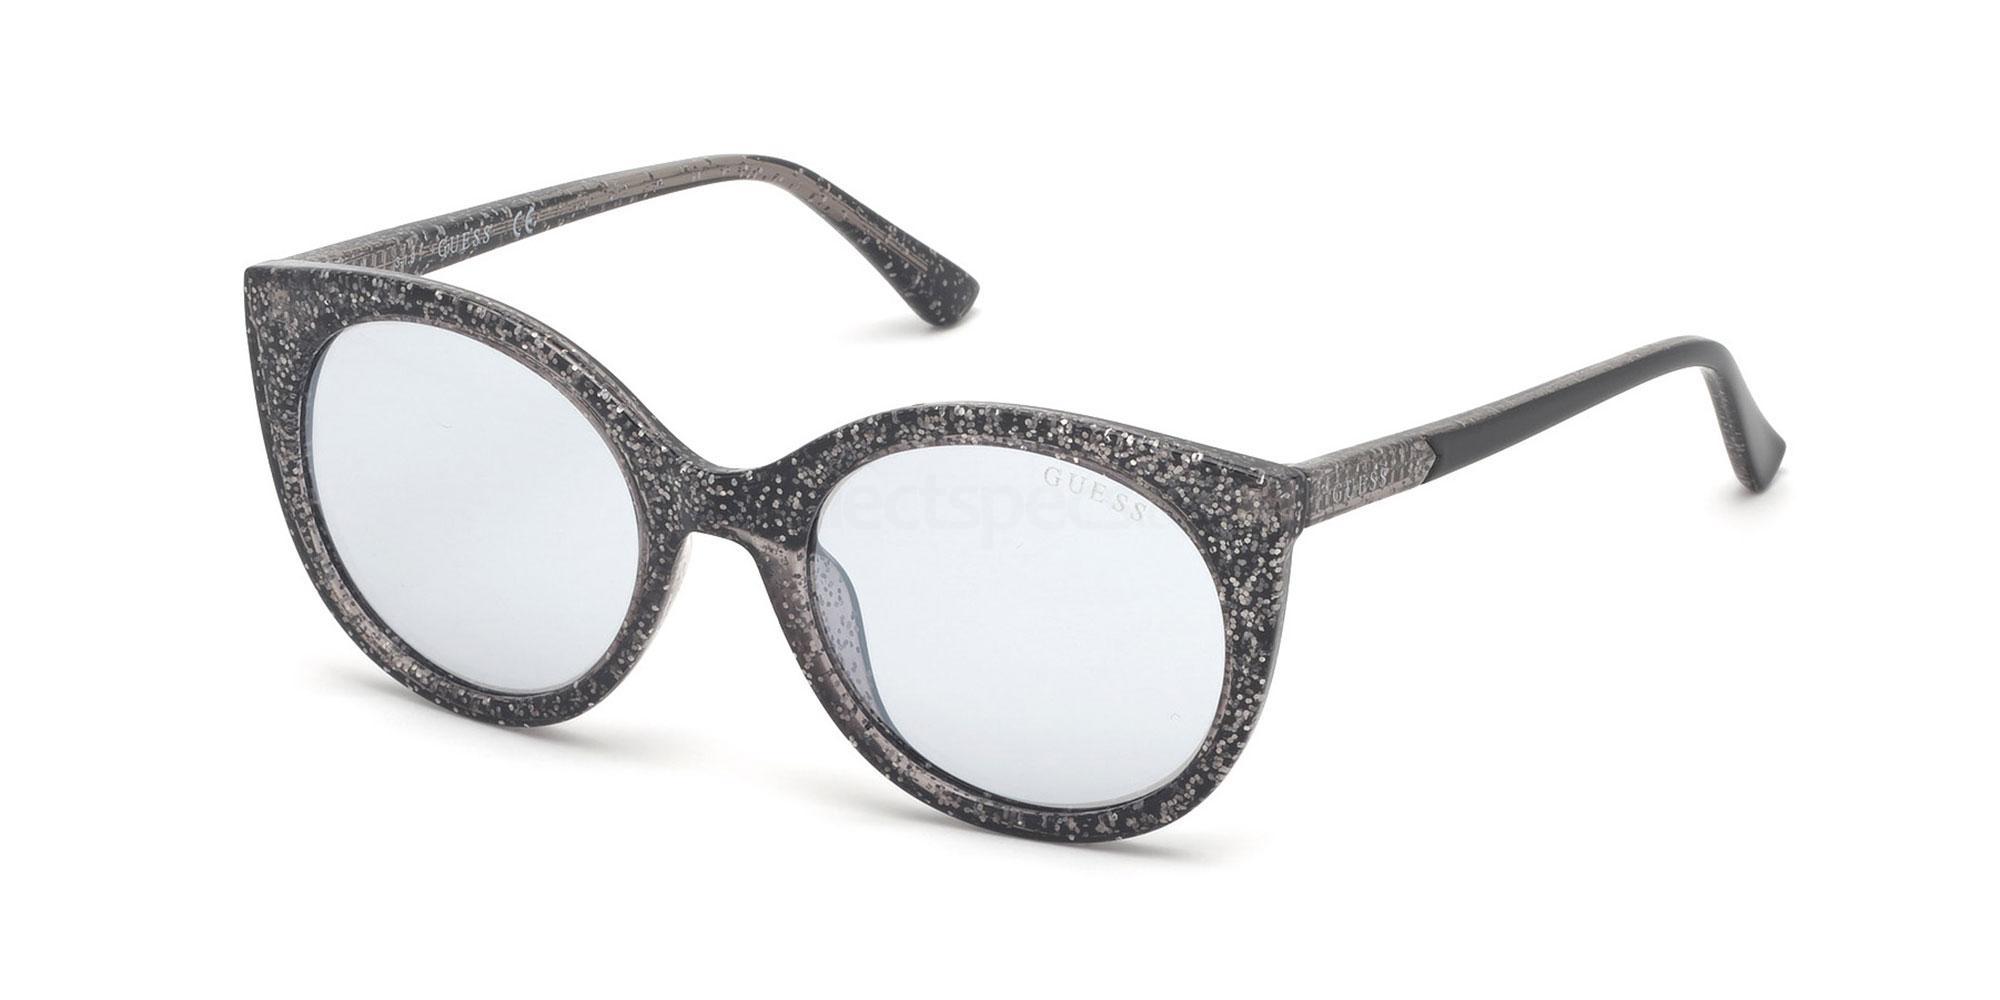 05C GU9188 Sunglasses, GUESS Kids